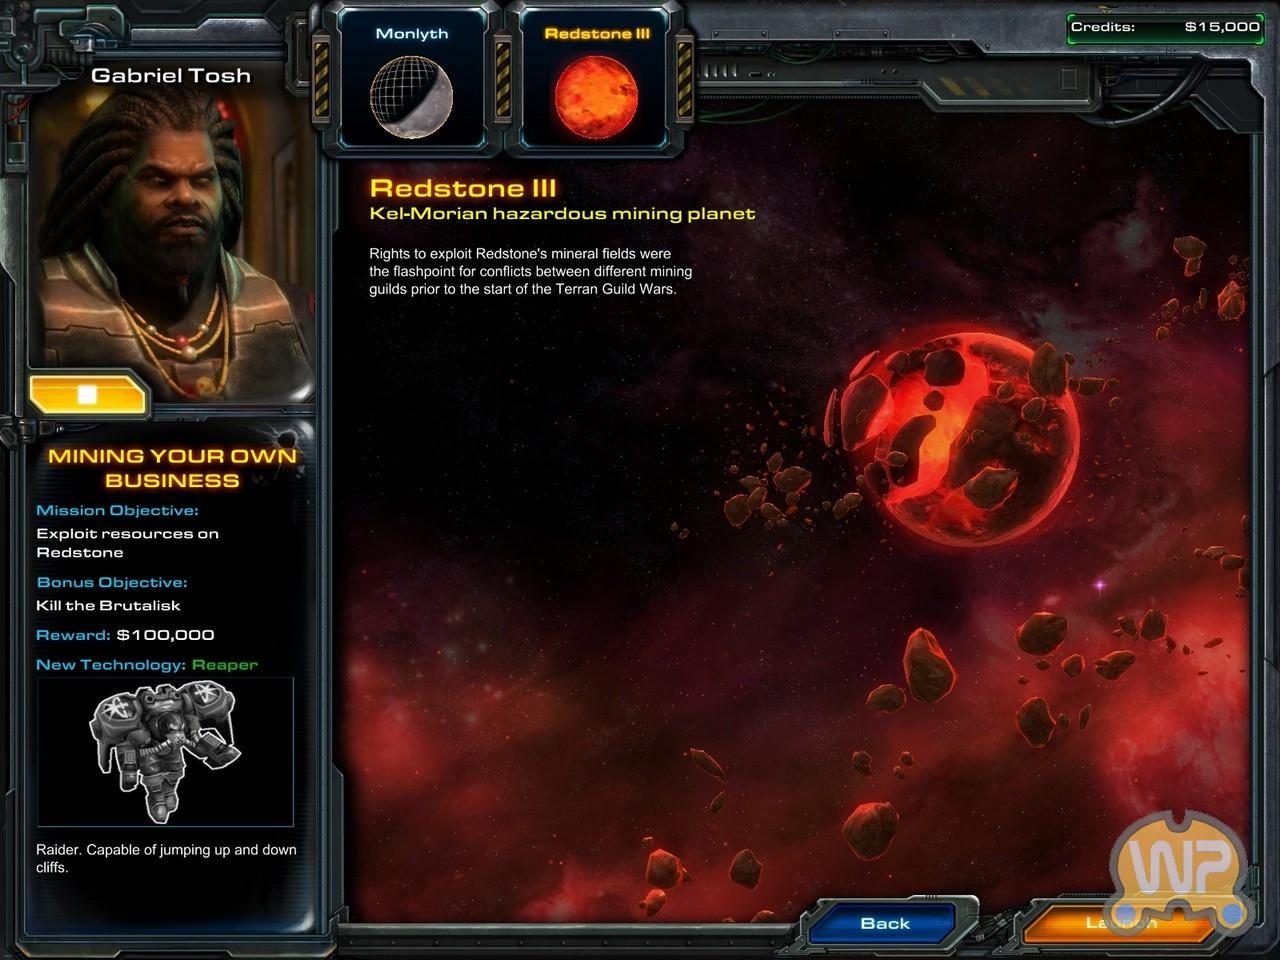 星际争霸2 自由之翼 战网细节 截图